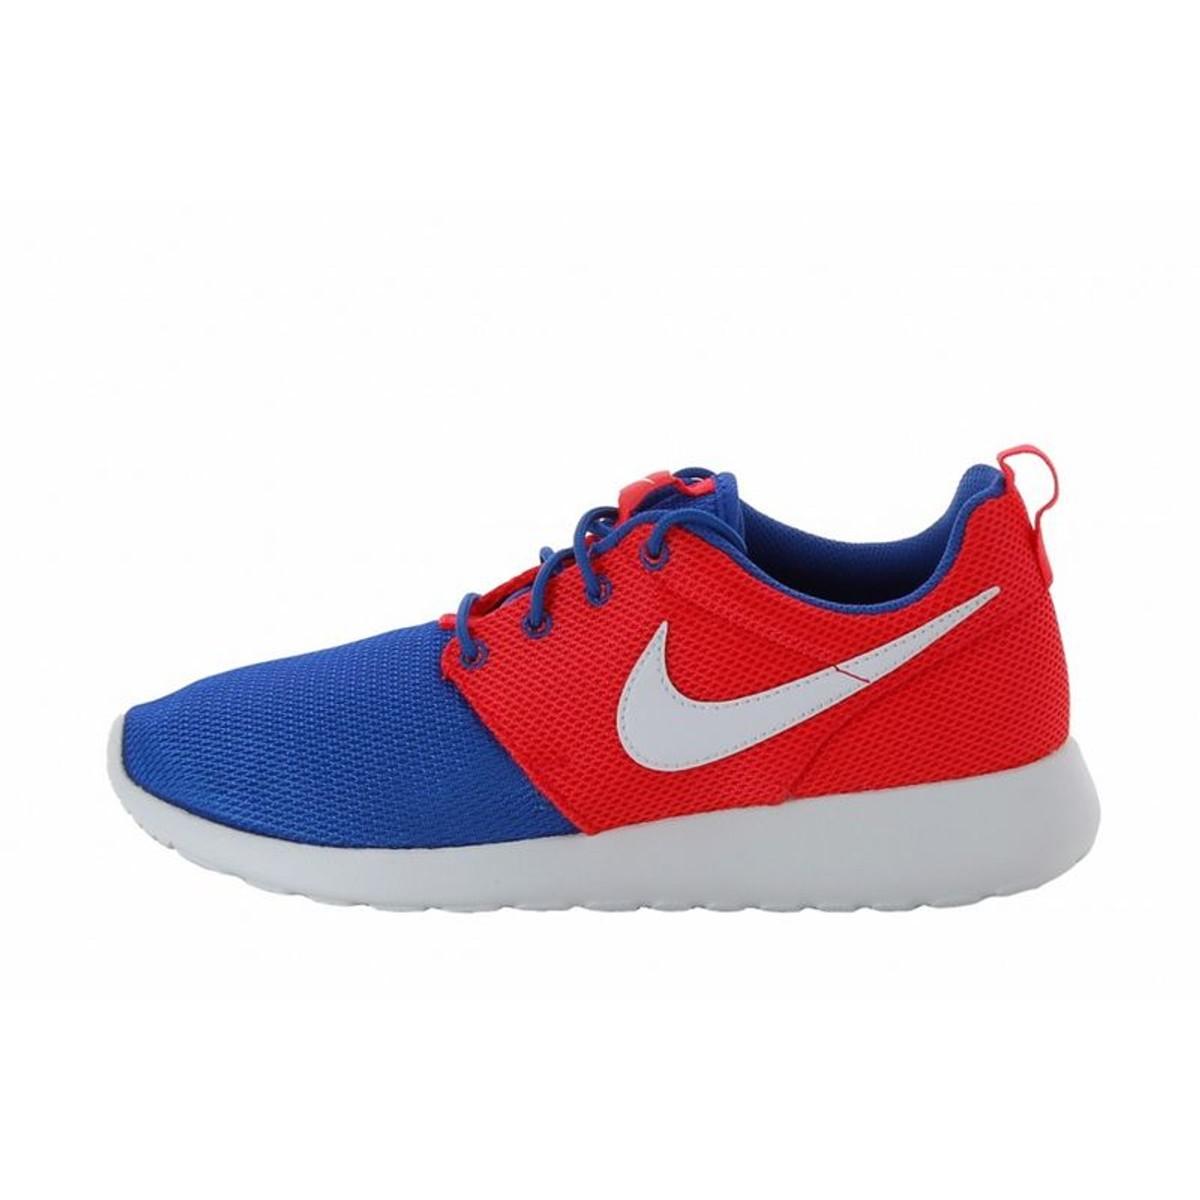 le dernier bc0a4 c5b97 Basket Nike Roshe Run (gs) - 599728-404 - Taille : 39;38 1/2 ...